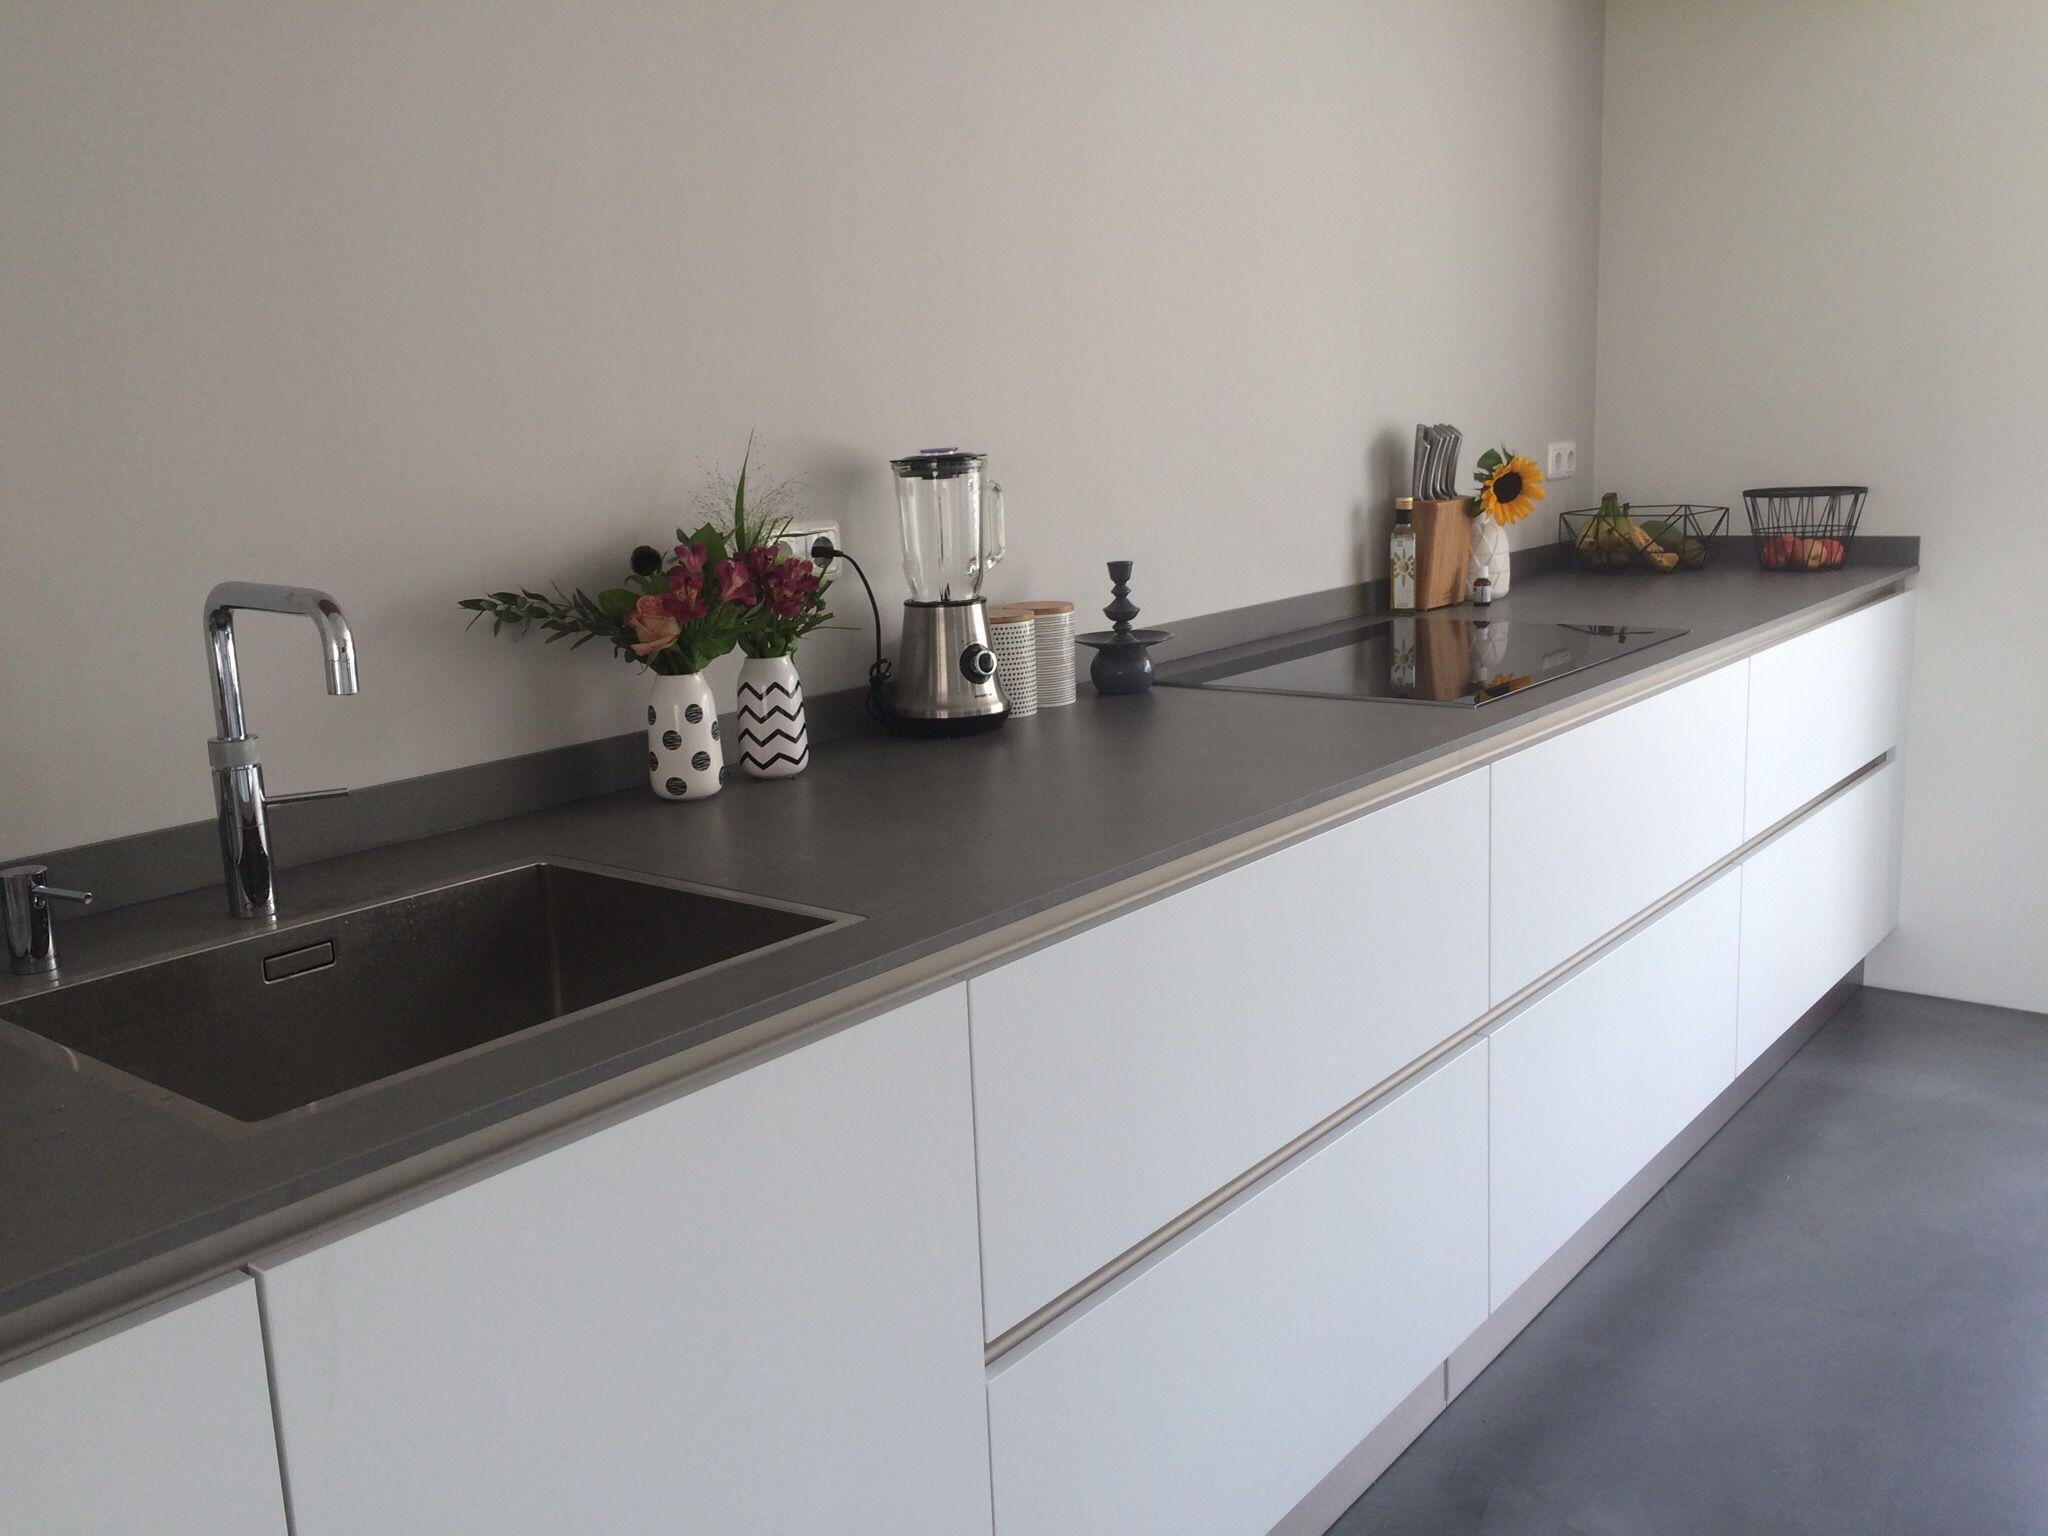 24 best greeploze keuken images on pinterest dream kitchens